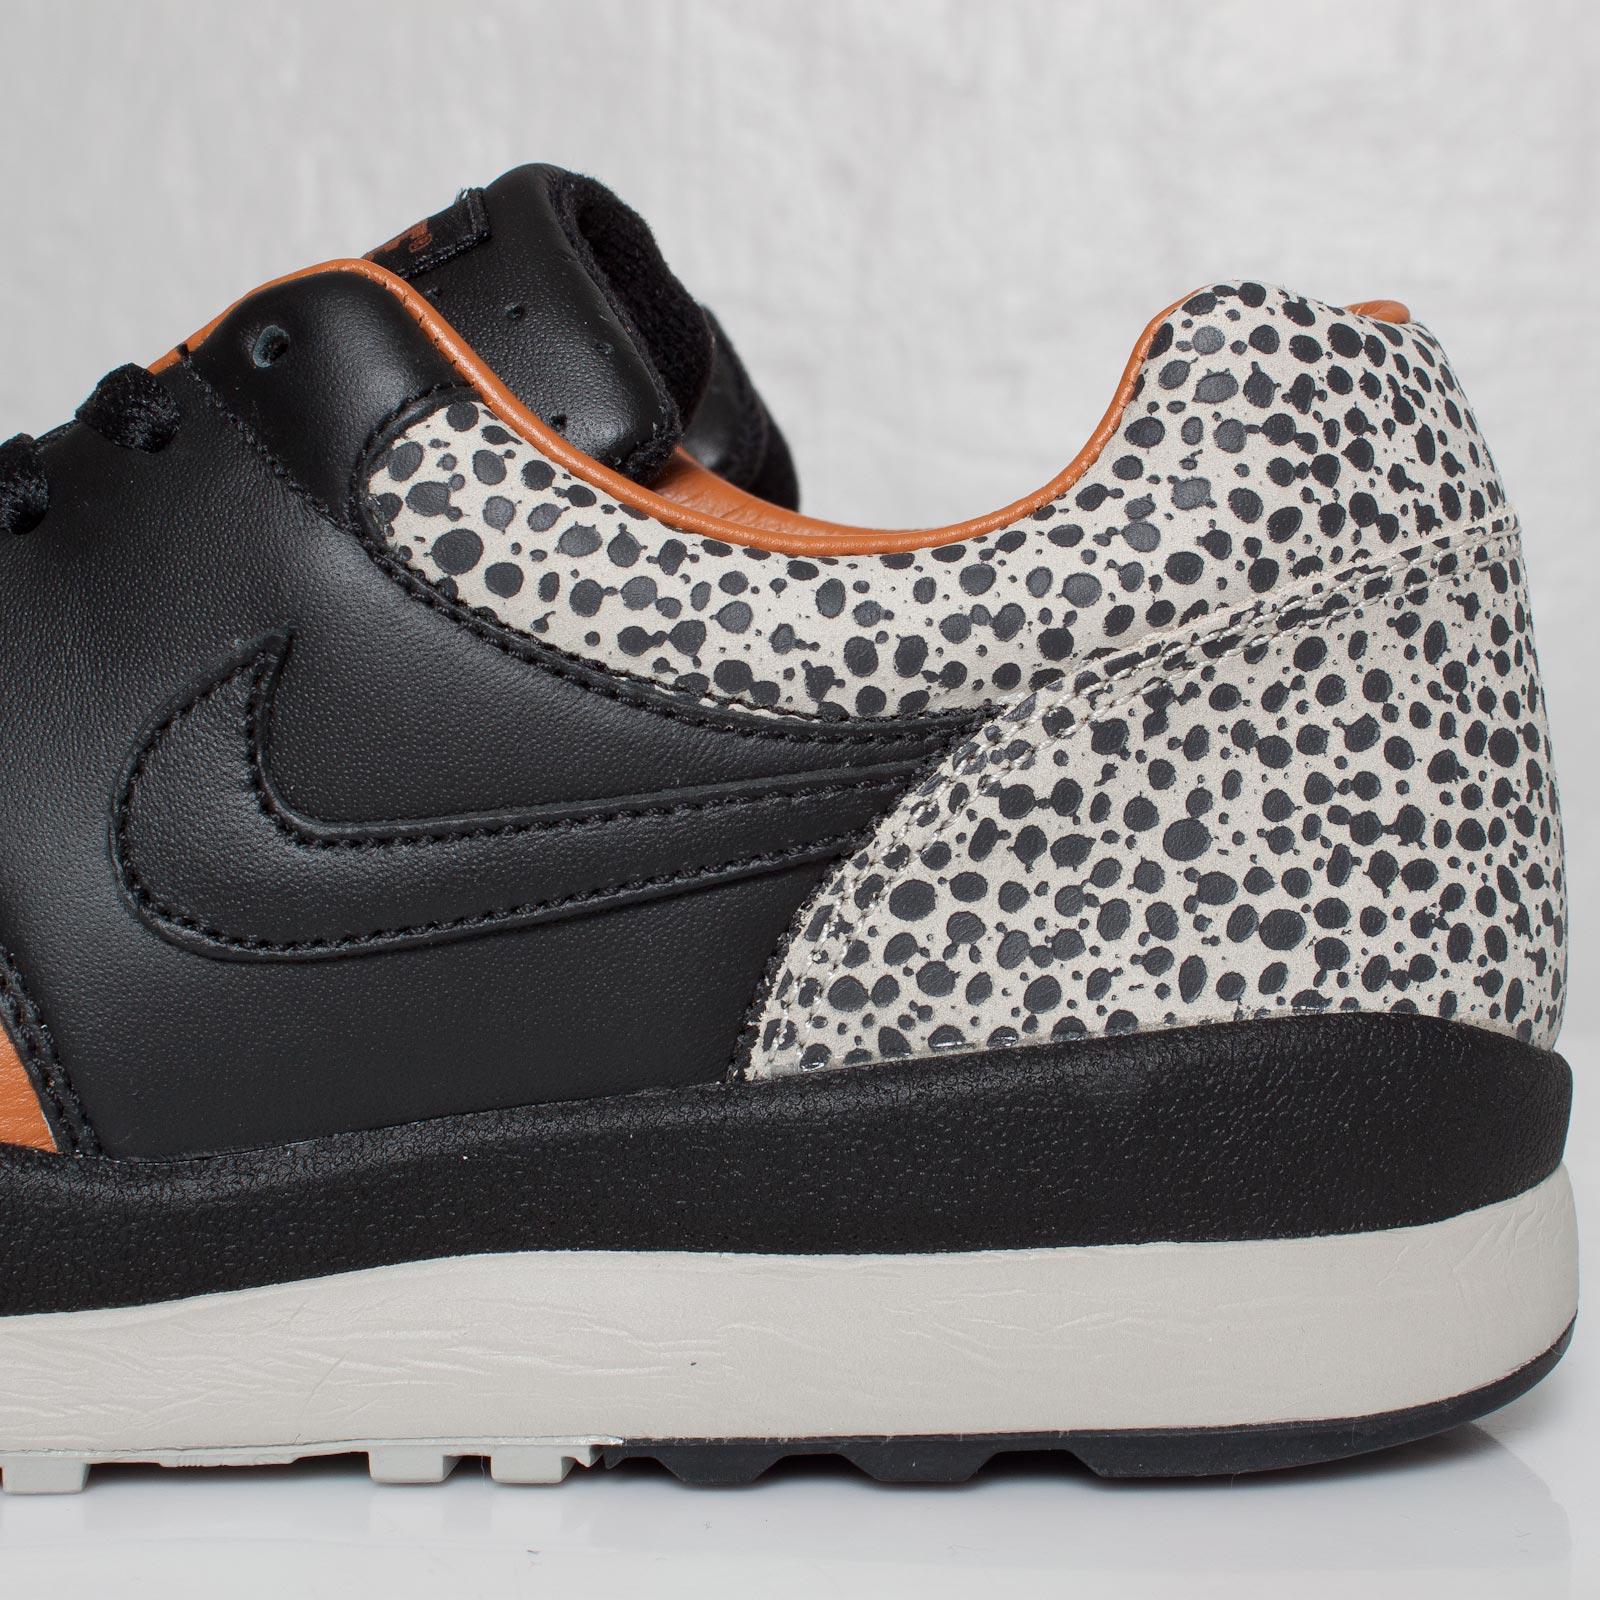 Ceder Descendencia Distribuir  Nike Air Safari NRG - 110406 - Sneakersnstuff | sneakers & streetwear  online since 1999